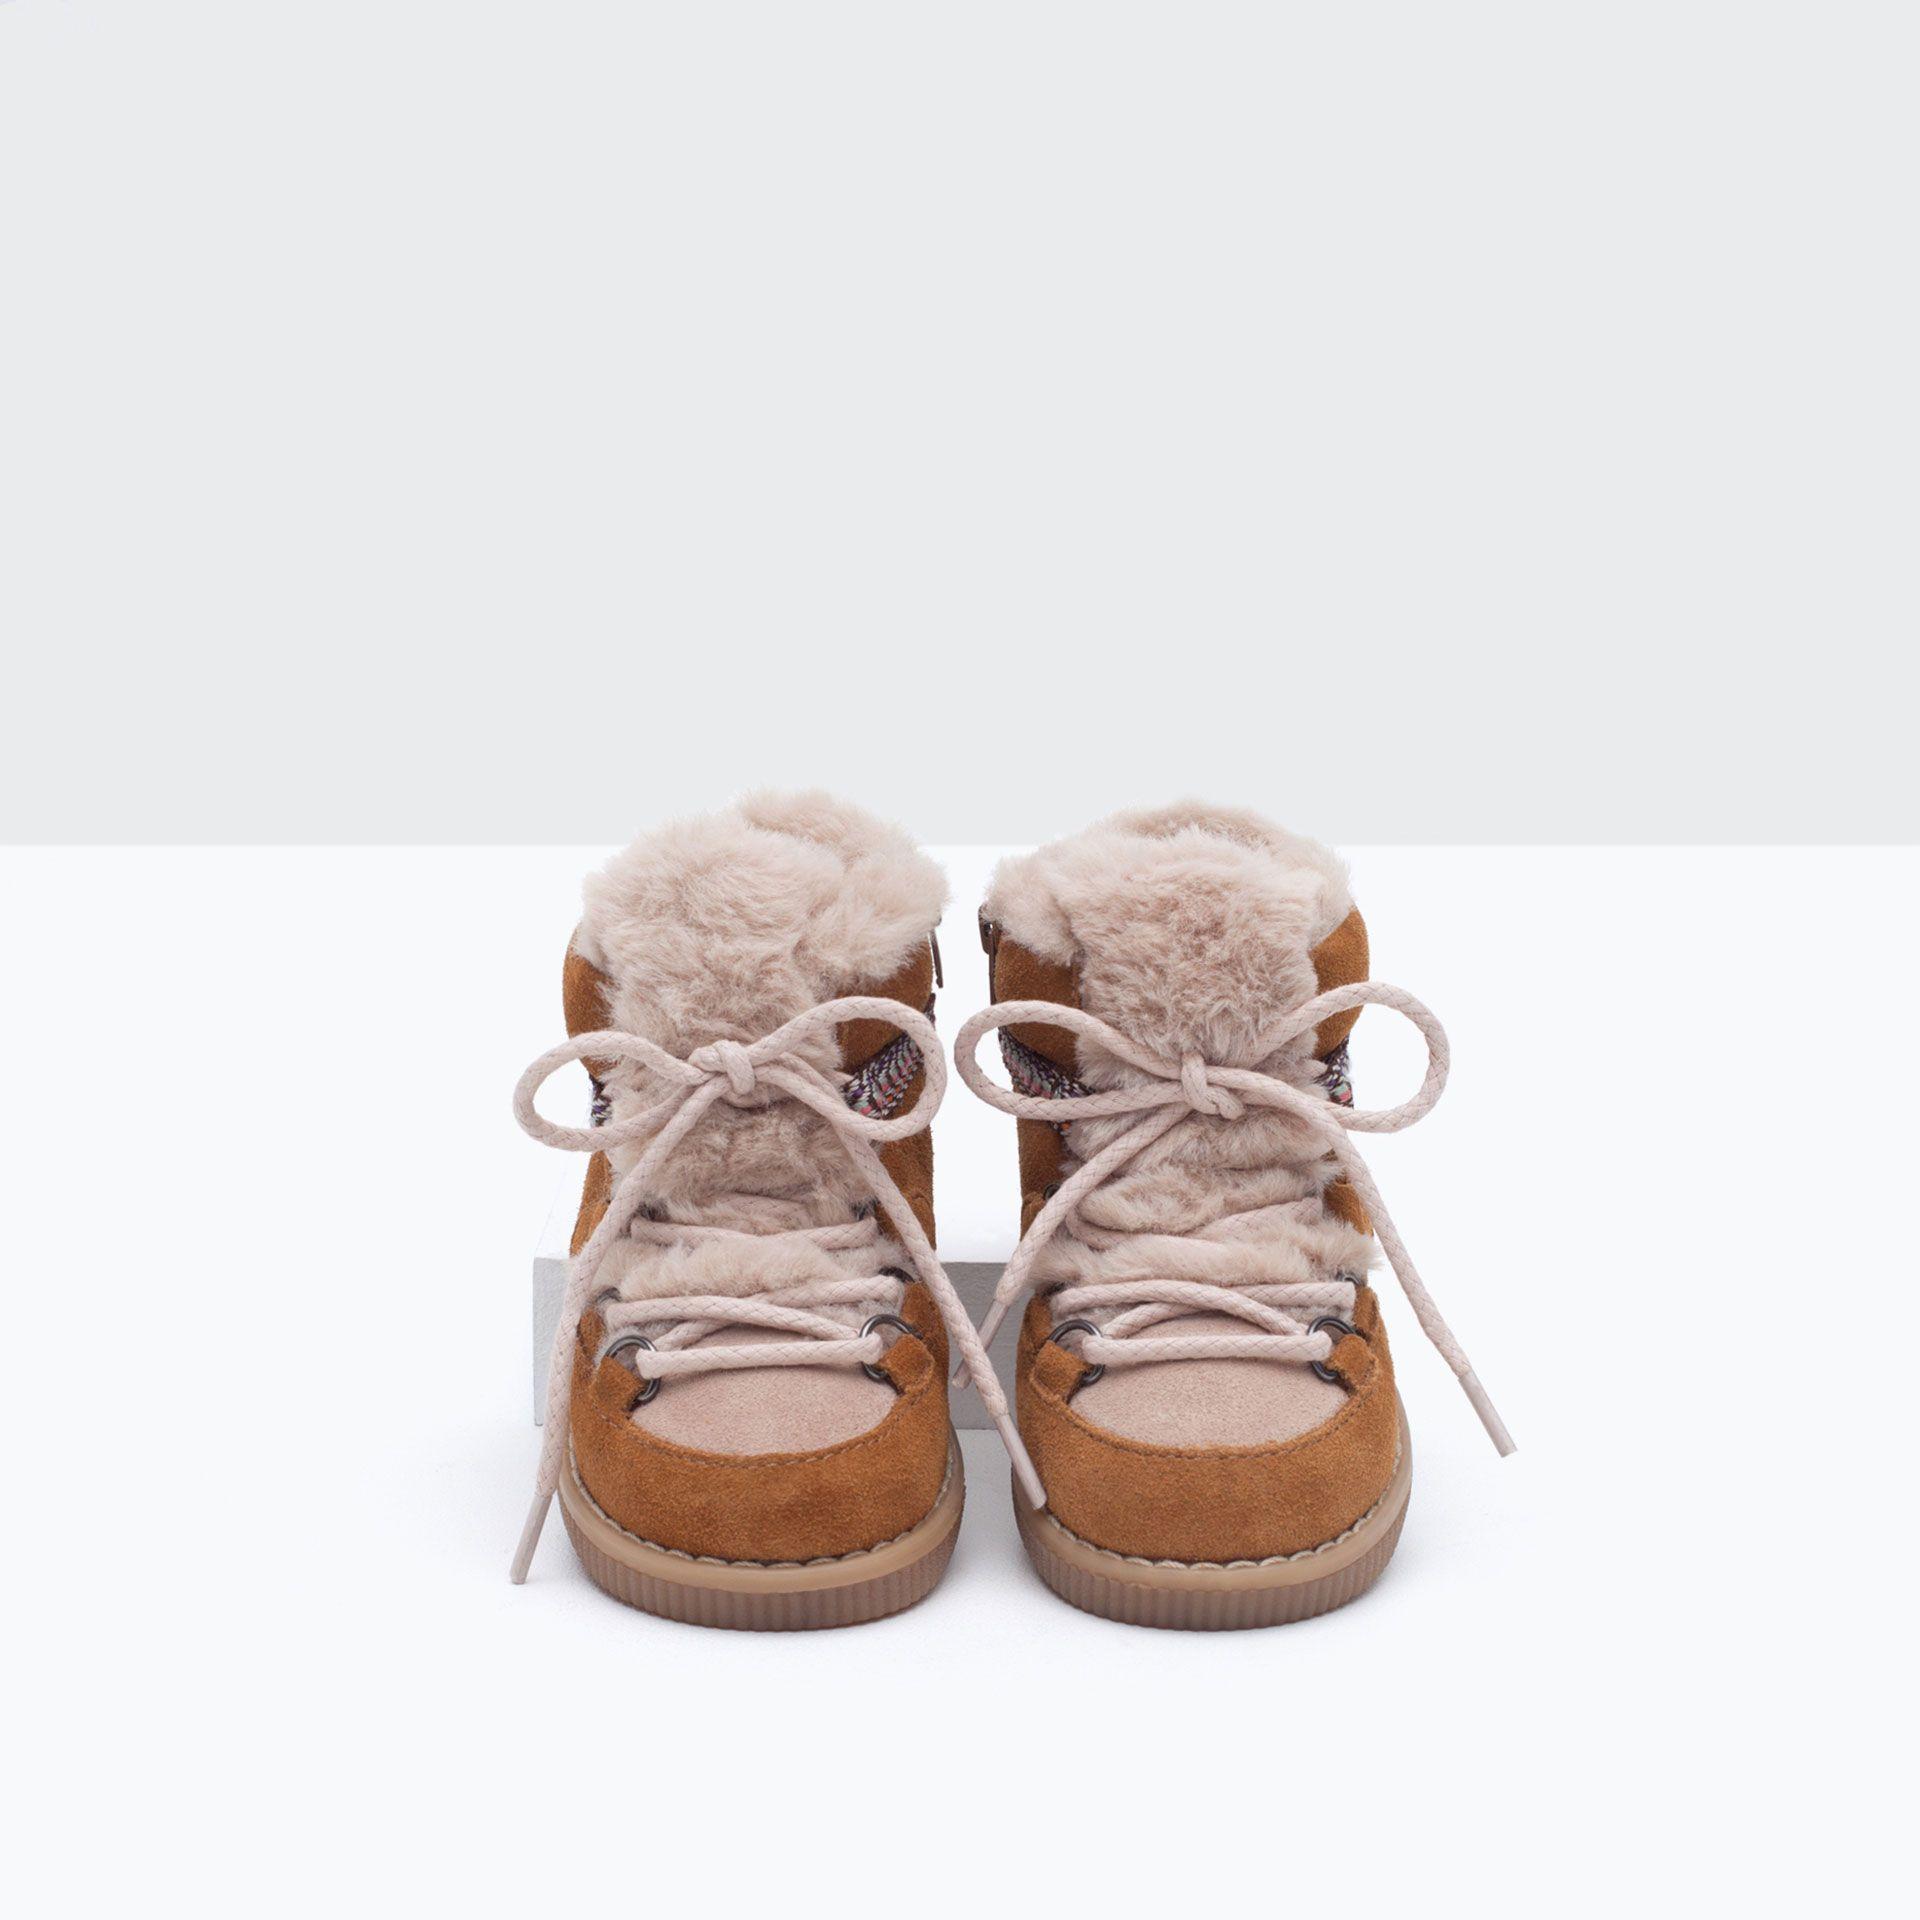 Skorzane Botki Trekkingowe Niemowle Dziewczynka Nowosci Cute Baby Shoes Boots Baby Girl Shoes